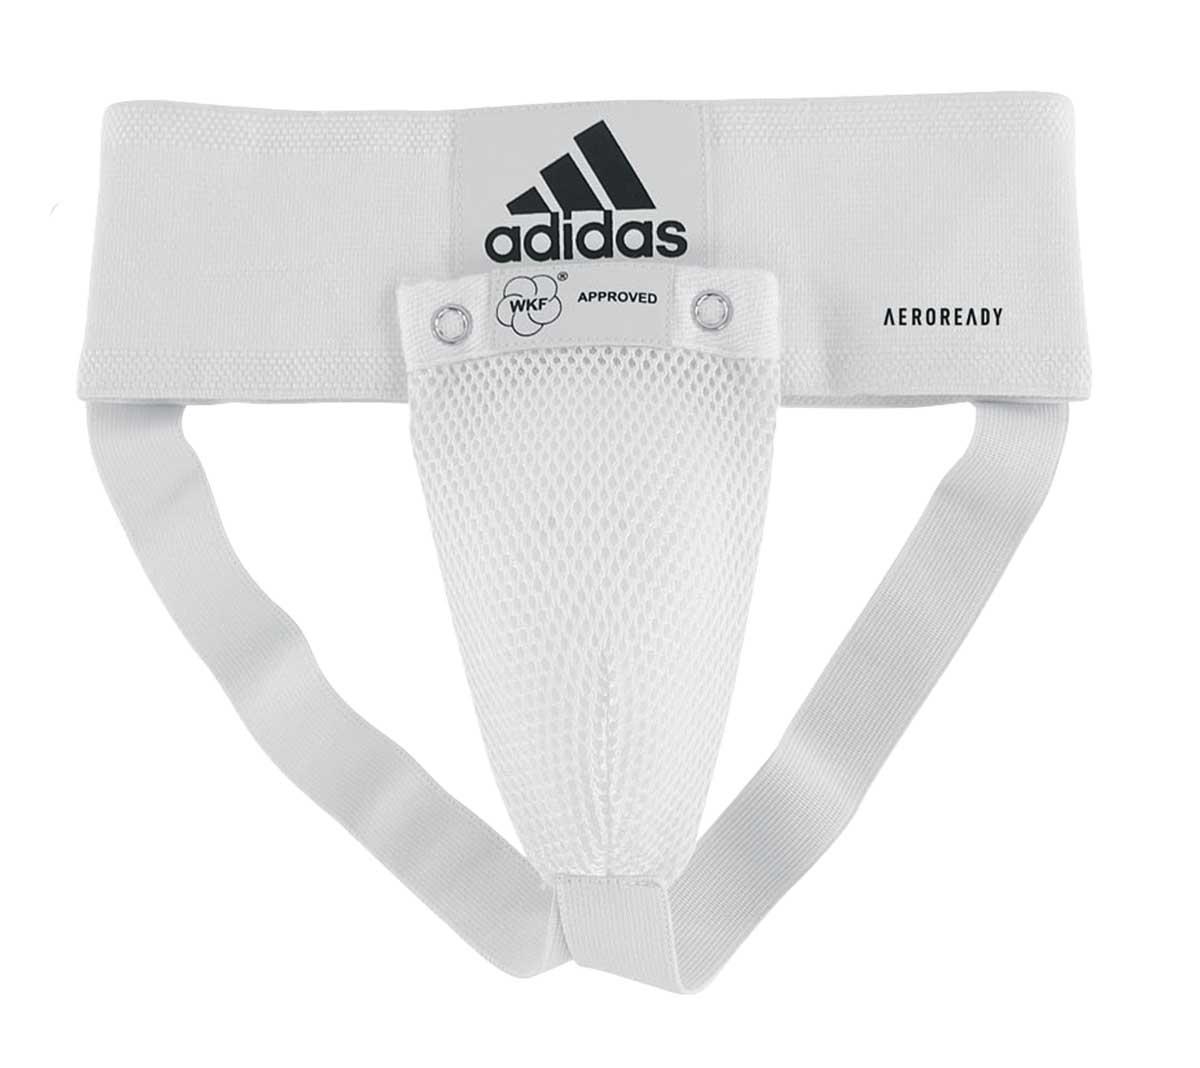 Защита паха Adidas мужская WKF Men Groin Guard белая, размер XS, артикул adiBP06WKF